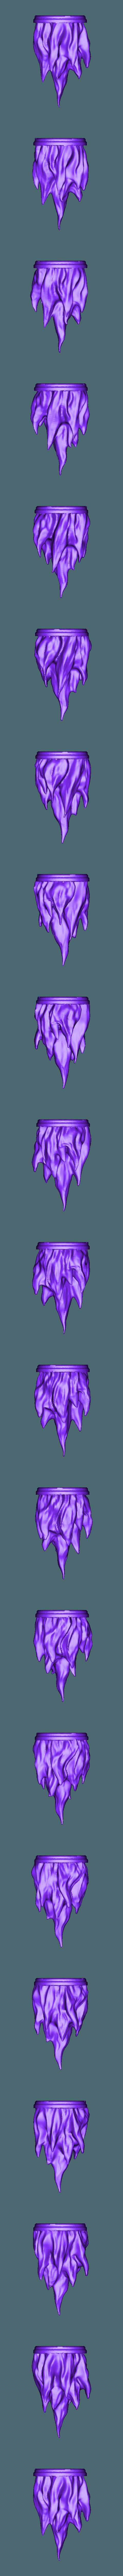 flamme.stl Download free STL file statue/rocket trophy for startup • 3D print design, blandiant